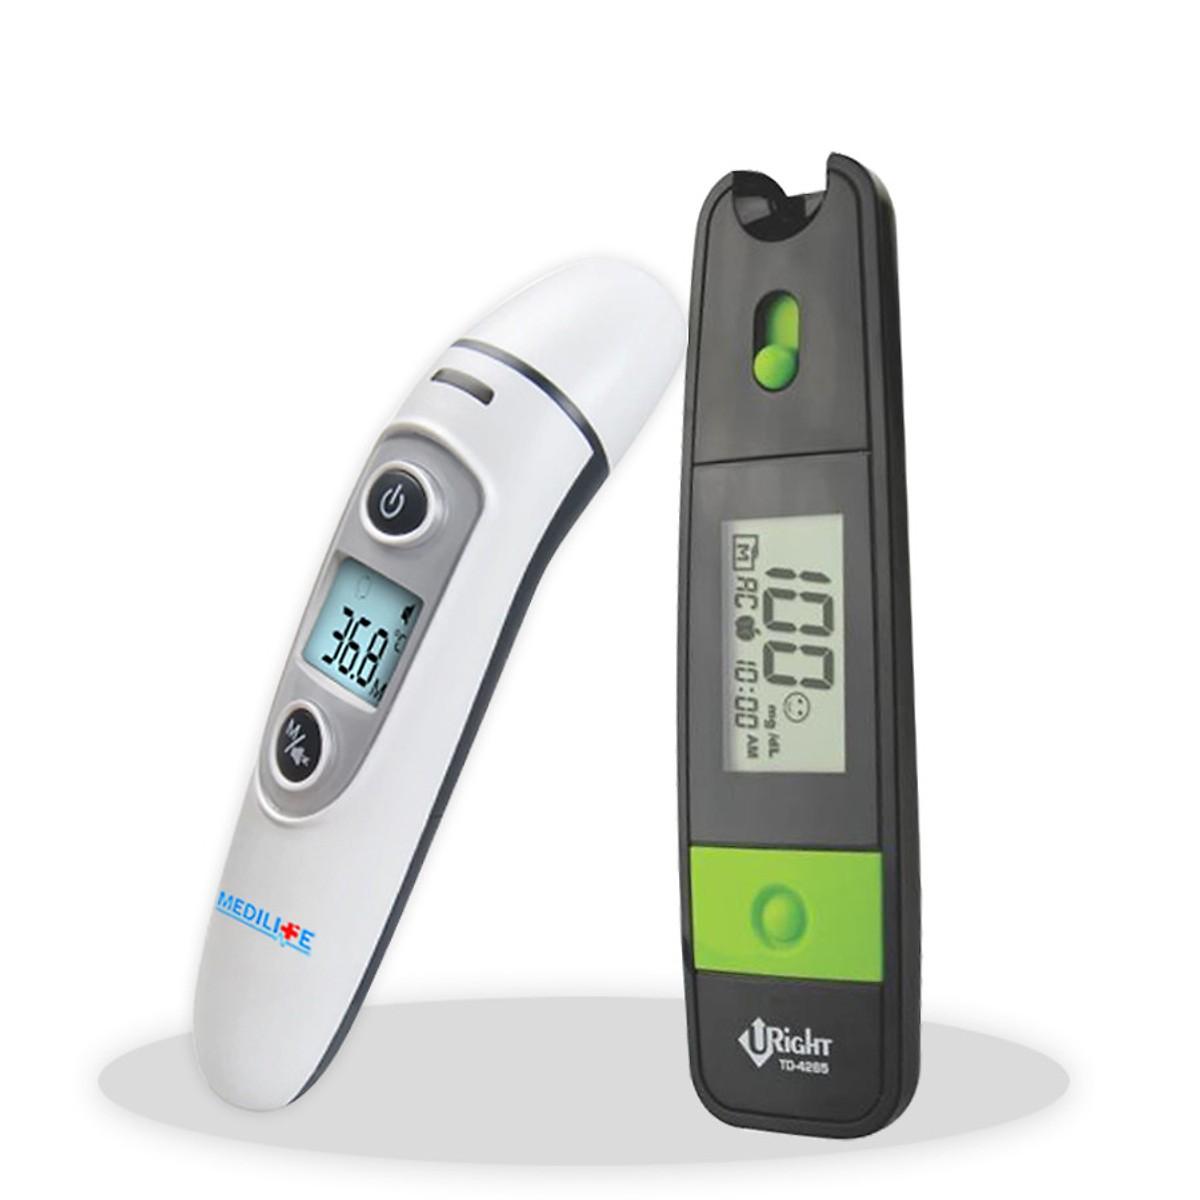 nhiệt kế điện tử hồng ngoại đo tai và trán Medilife IFR600